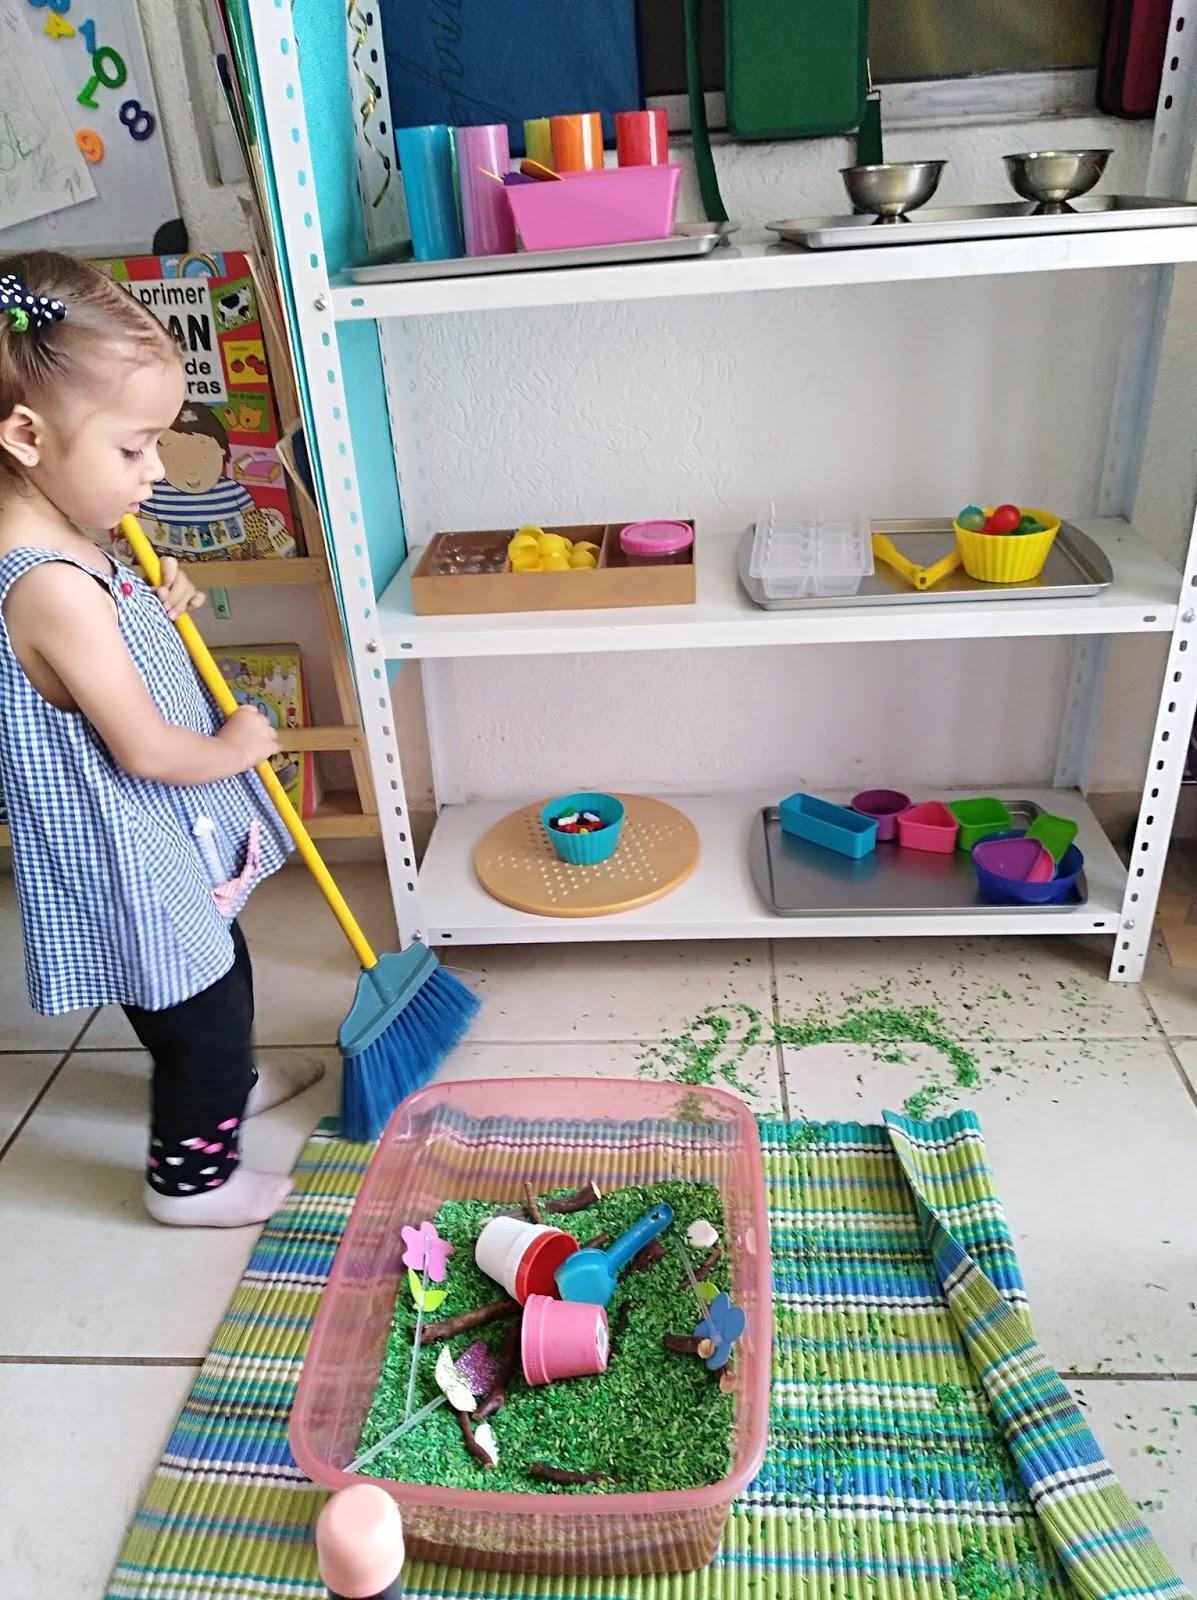 My Homeschool Project: Los niños y las tareas del hogar